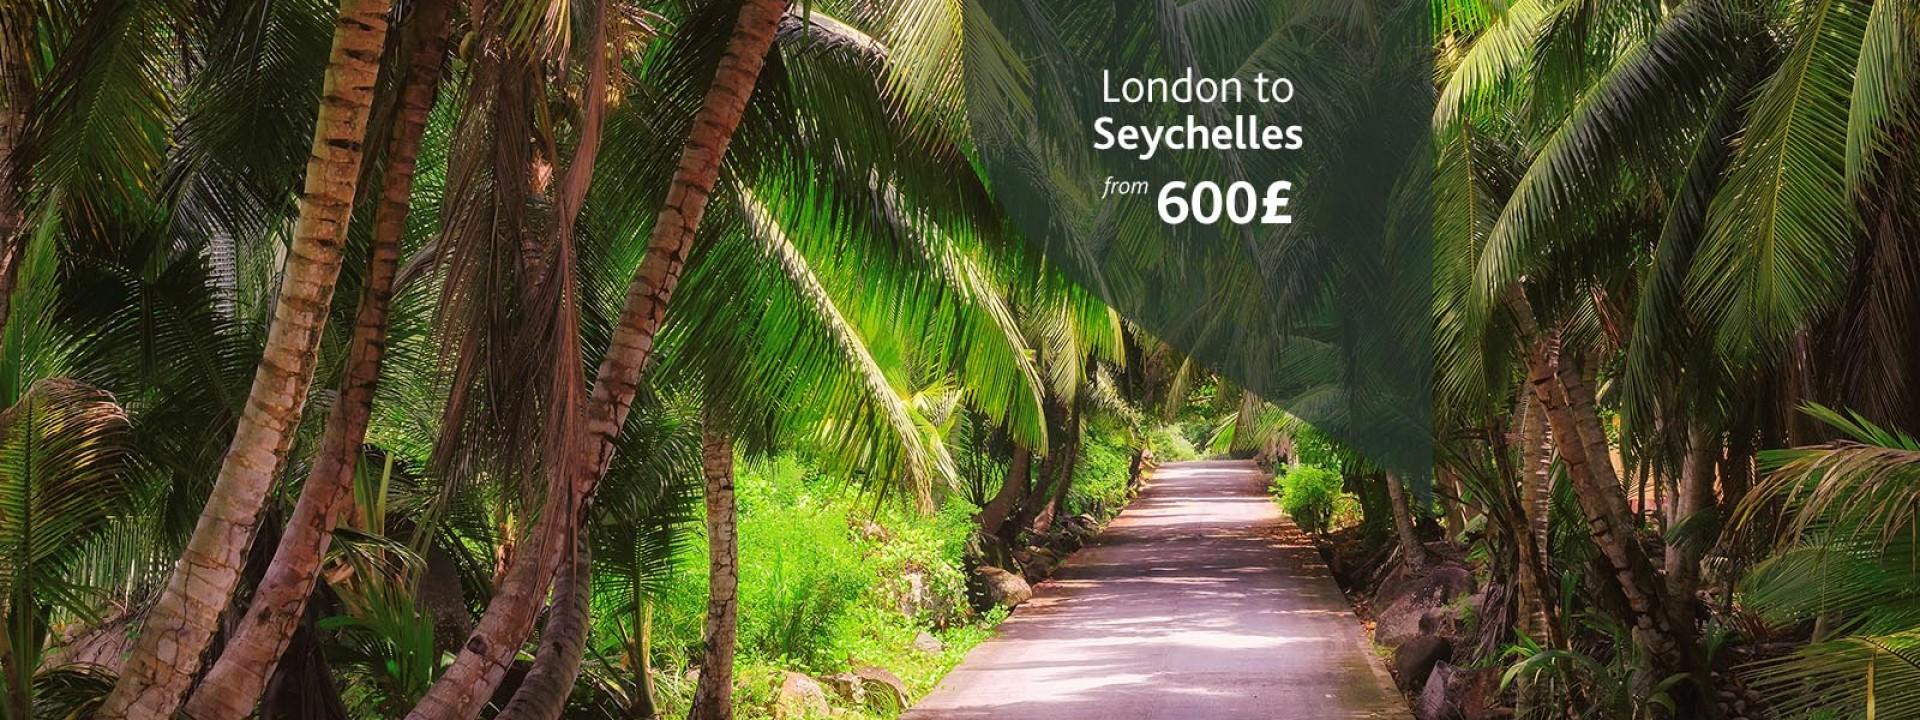 flights-from-london-to-mahe-seychelles-economy